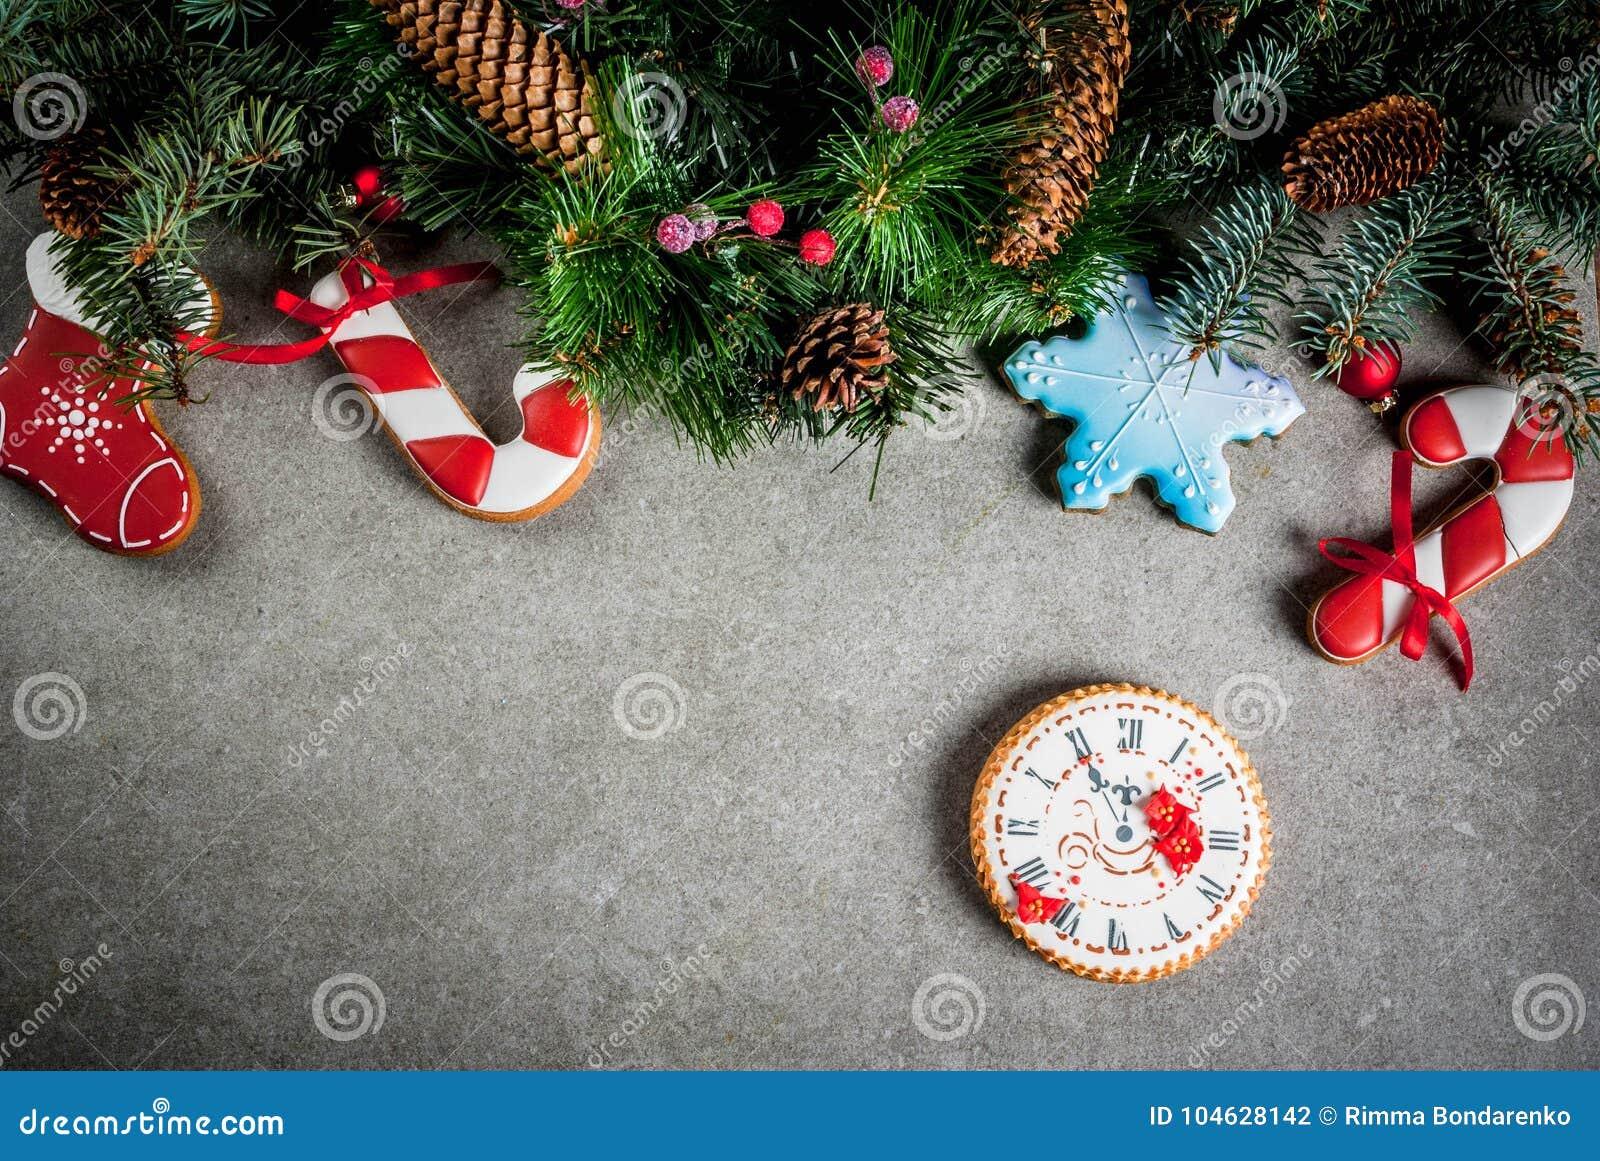 Download Kerstmisachtergrond Met Peperkoeken Stock Foto - Afbeelding bestaande uit achtergrond, vakantie: 104628142